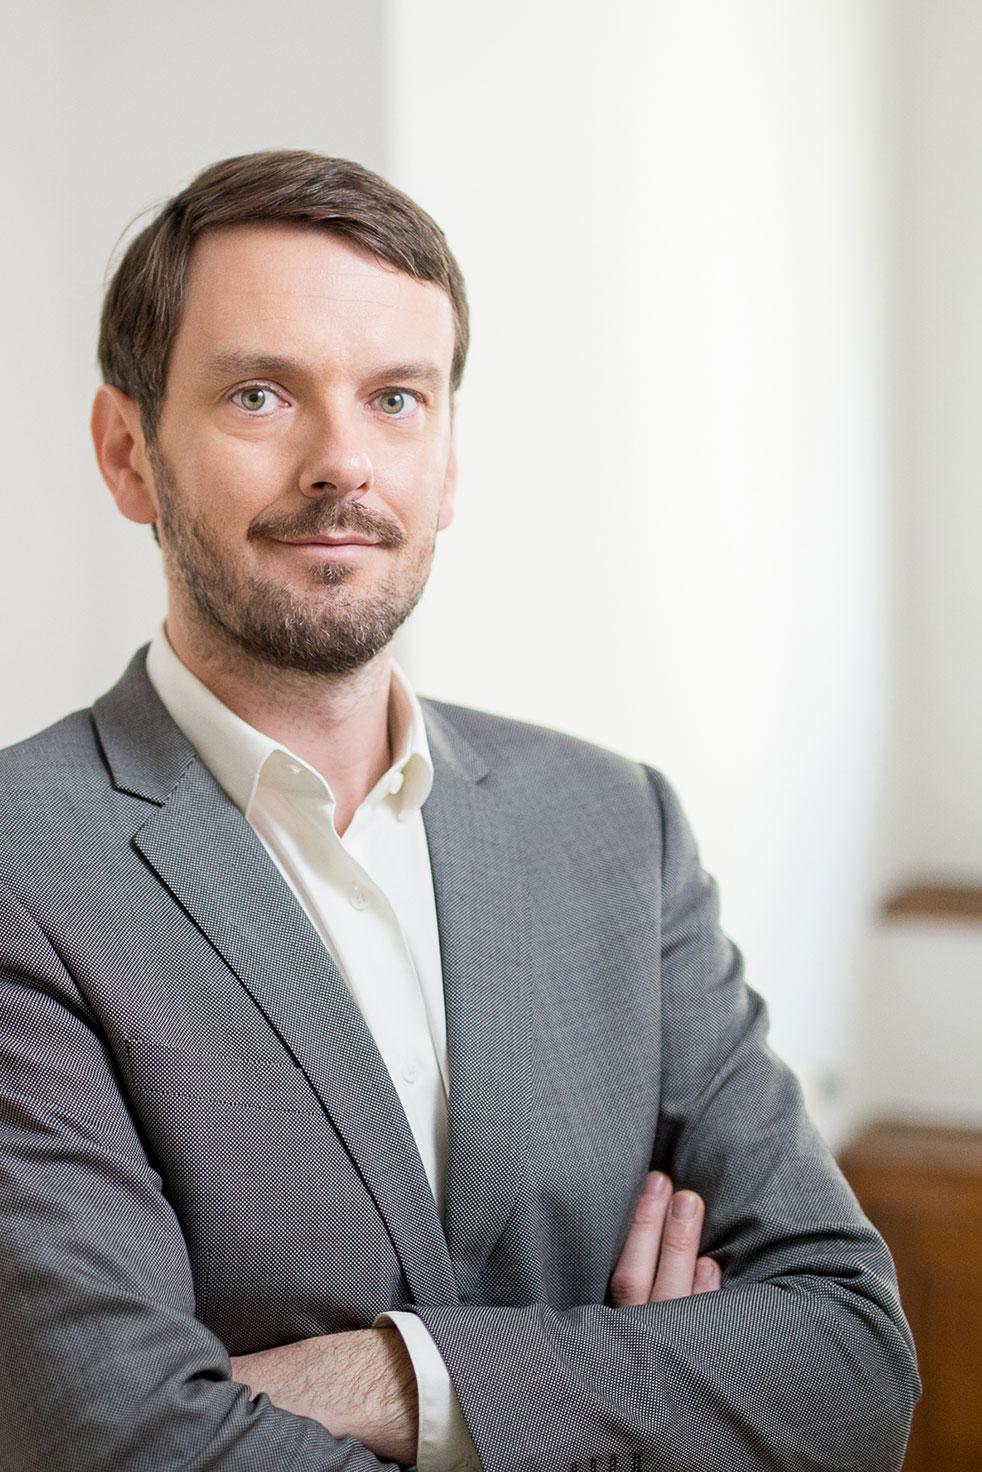 Chirurgien du nez à Lyon | Dr Durbec